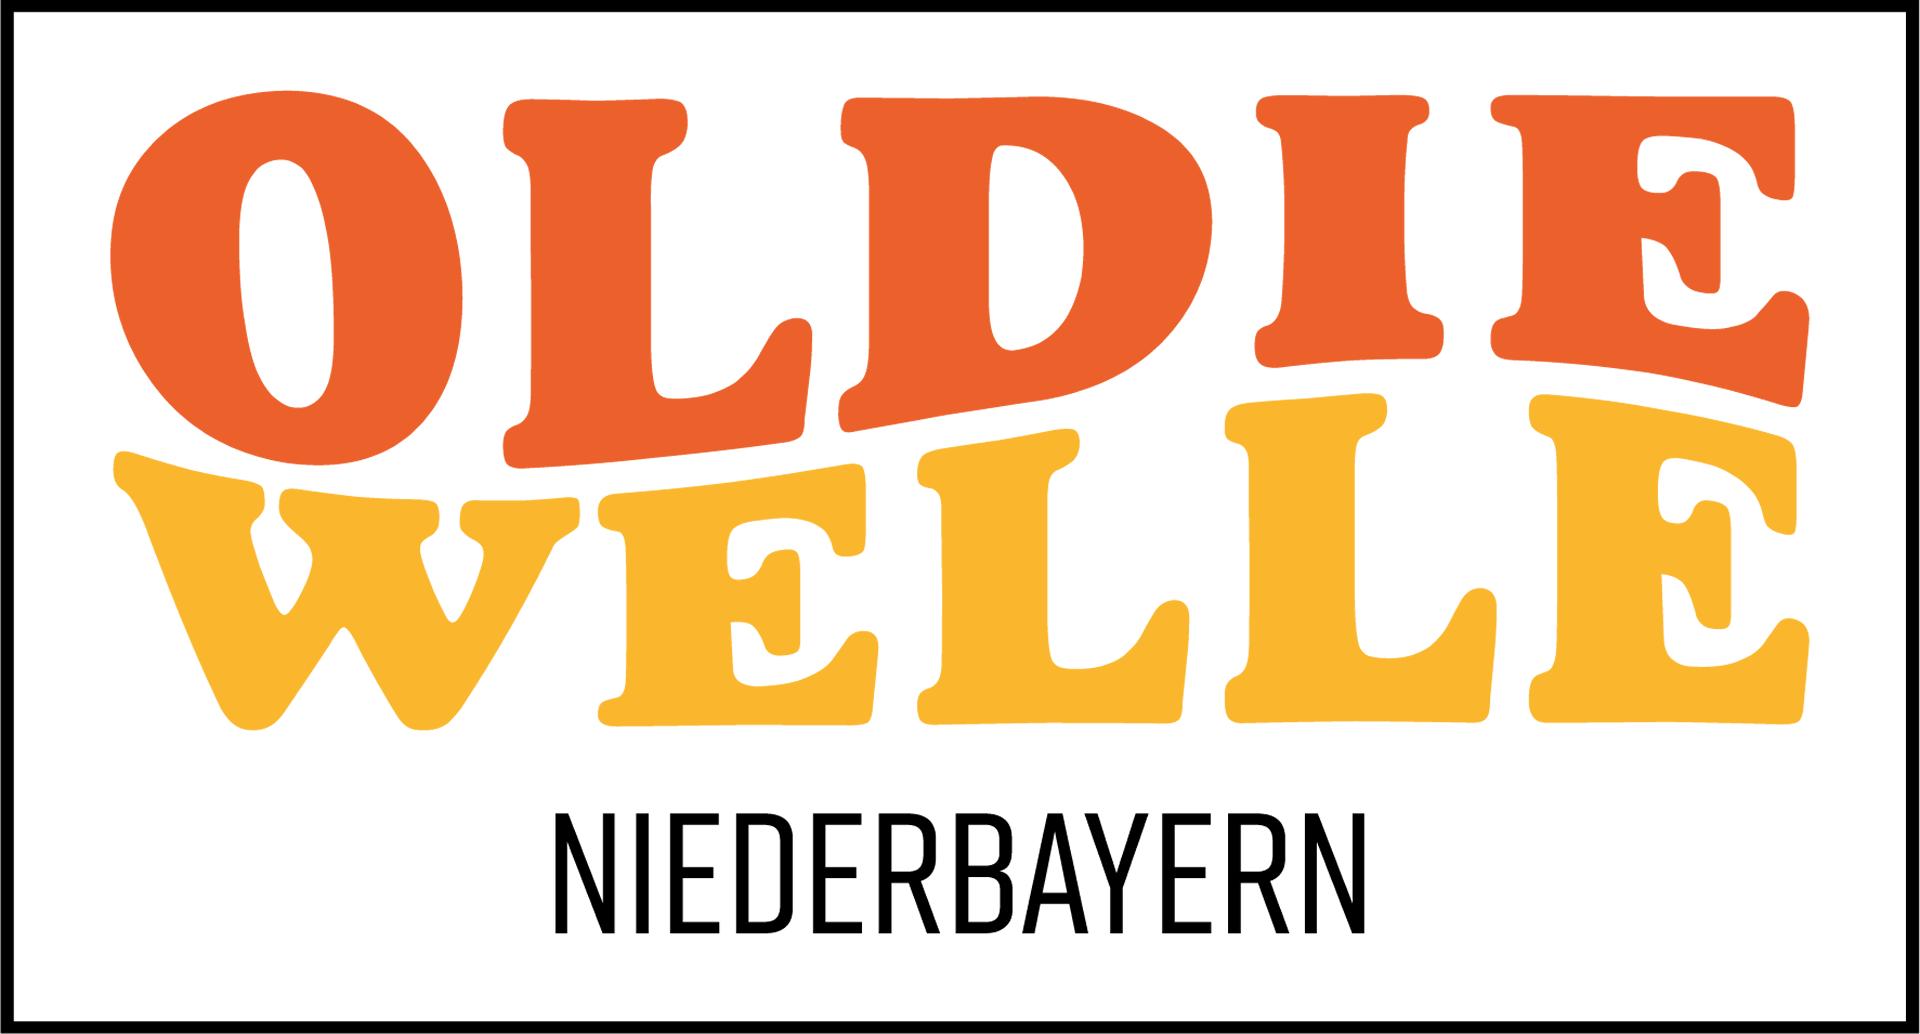 Oldie Welle Niederbayern jetzt auch offiziell im Netz (Foto: Oldie Welle Niederbayern)